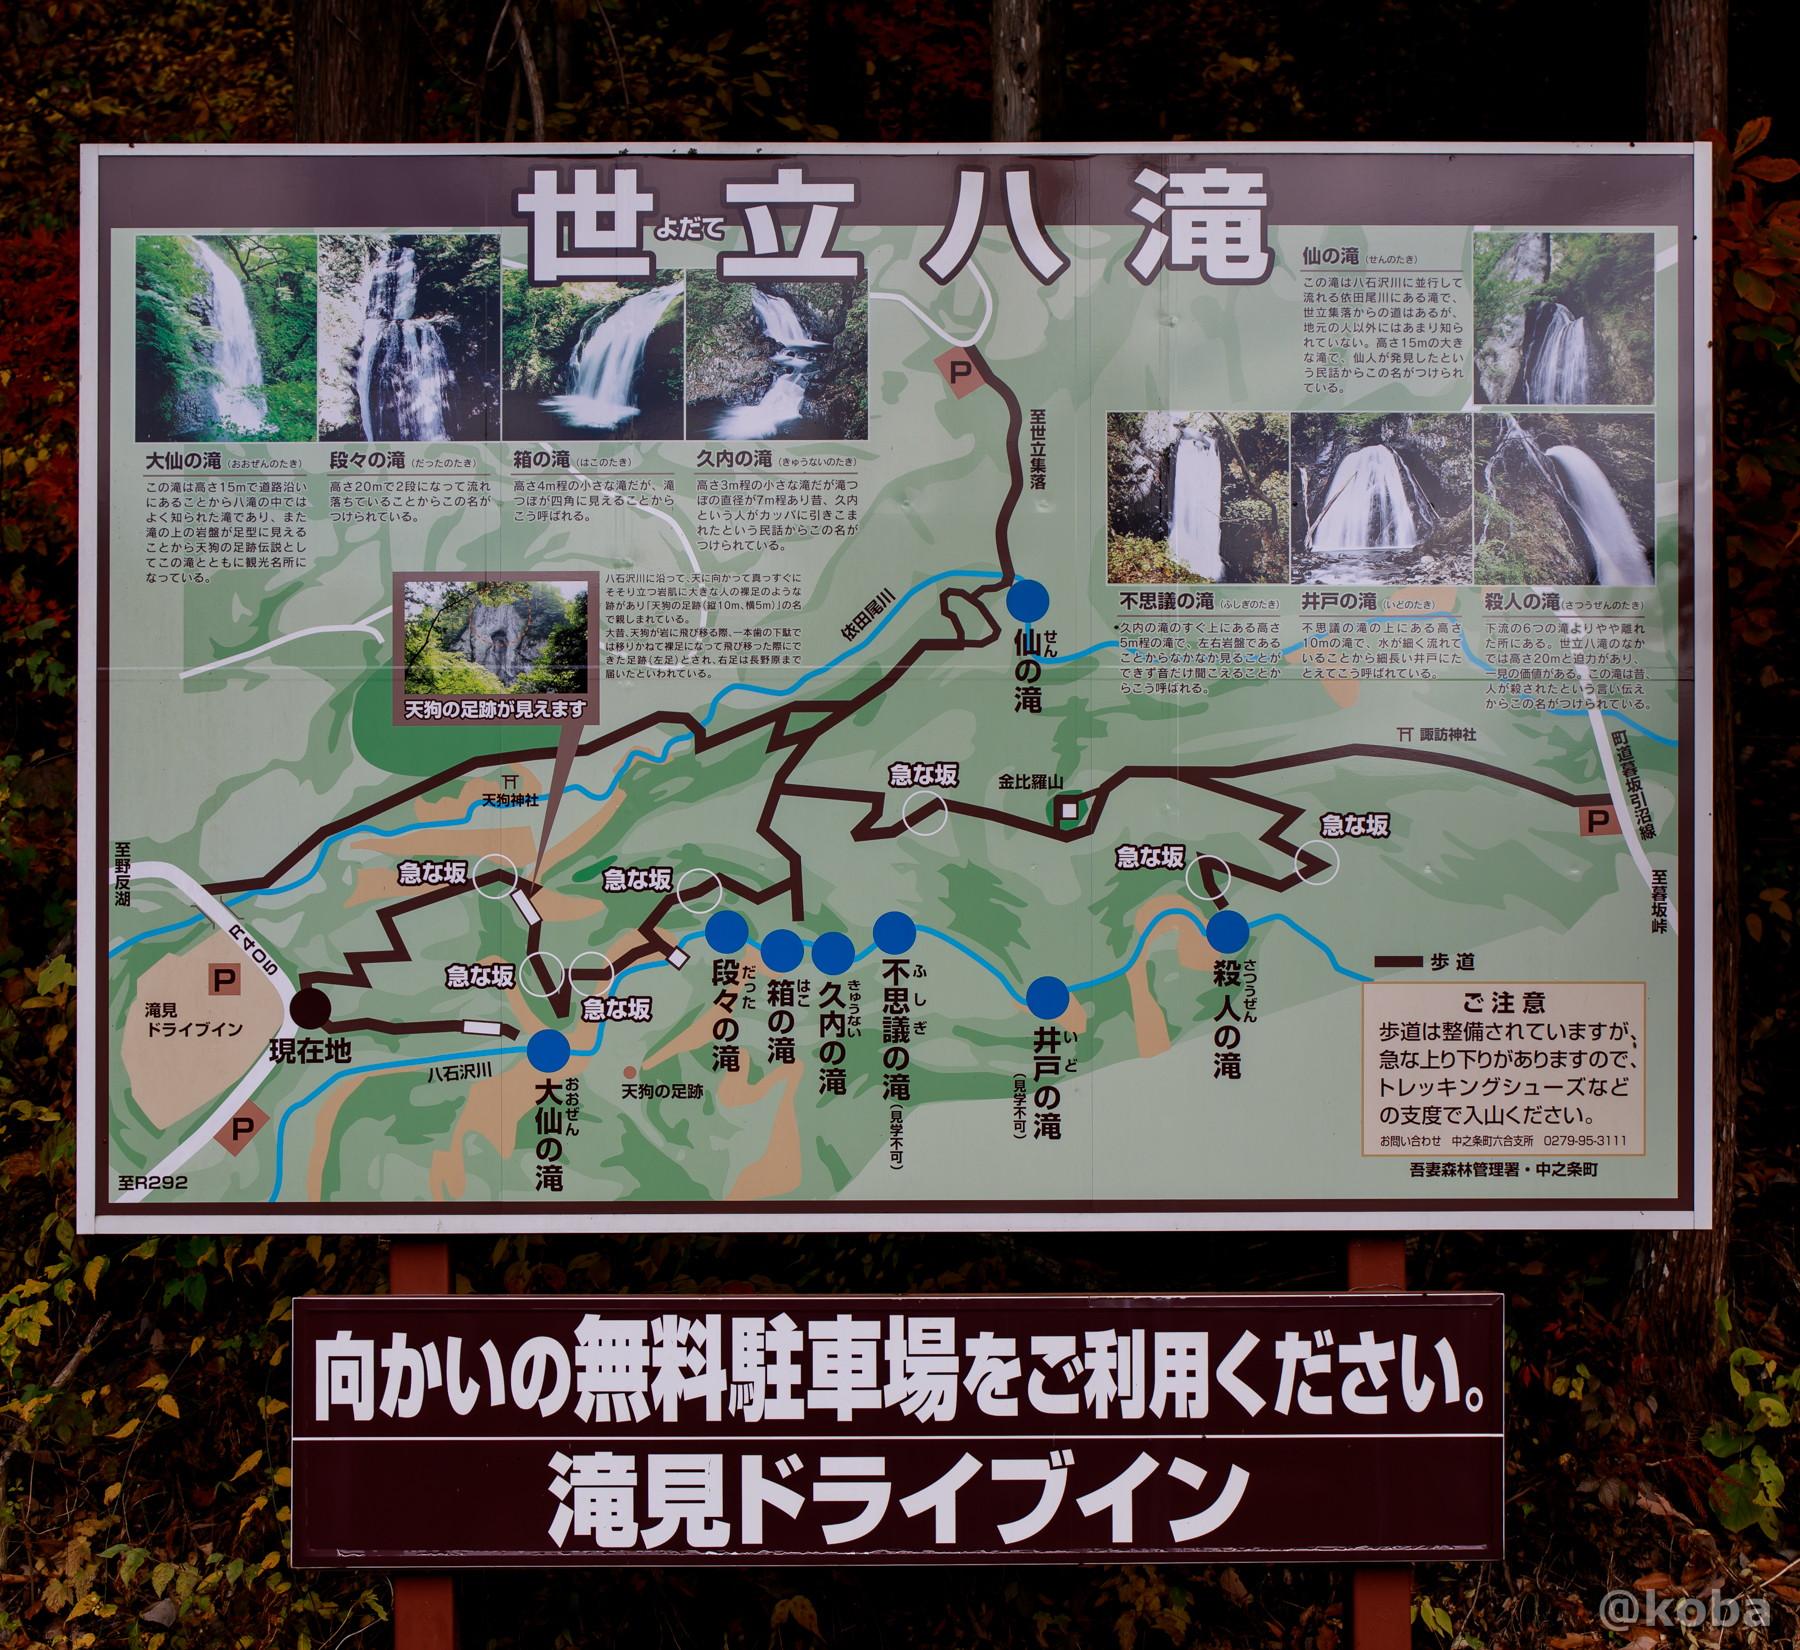 世立八滝(よだてやつたき)案内図 群馬県